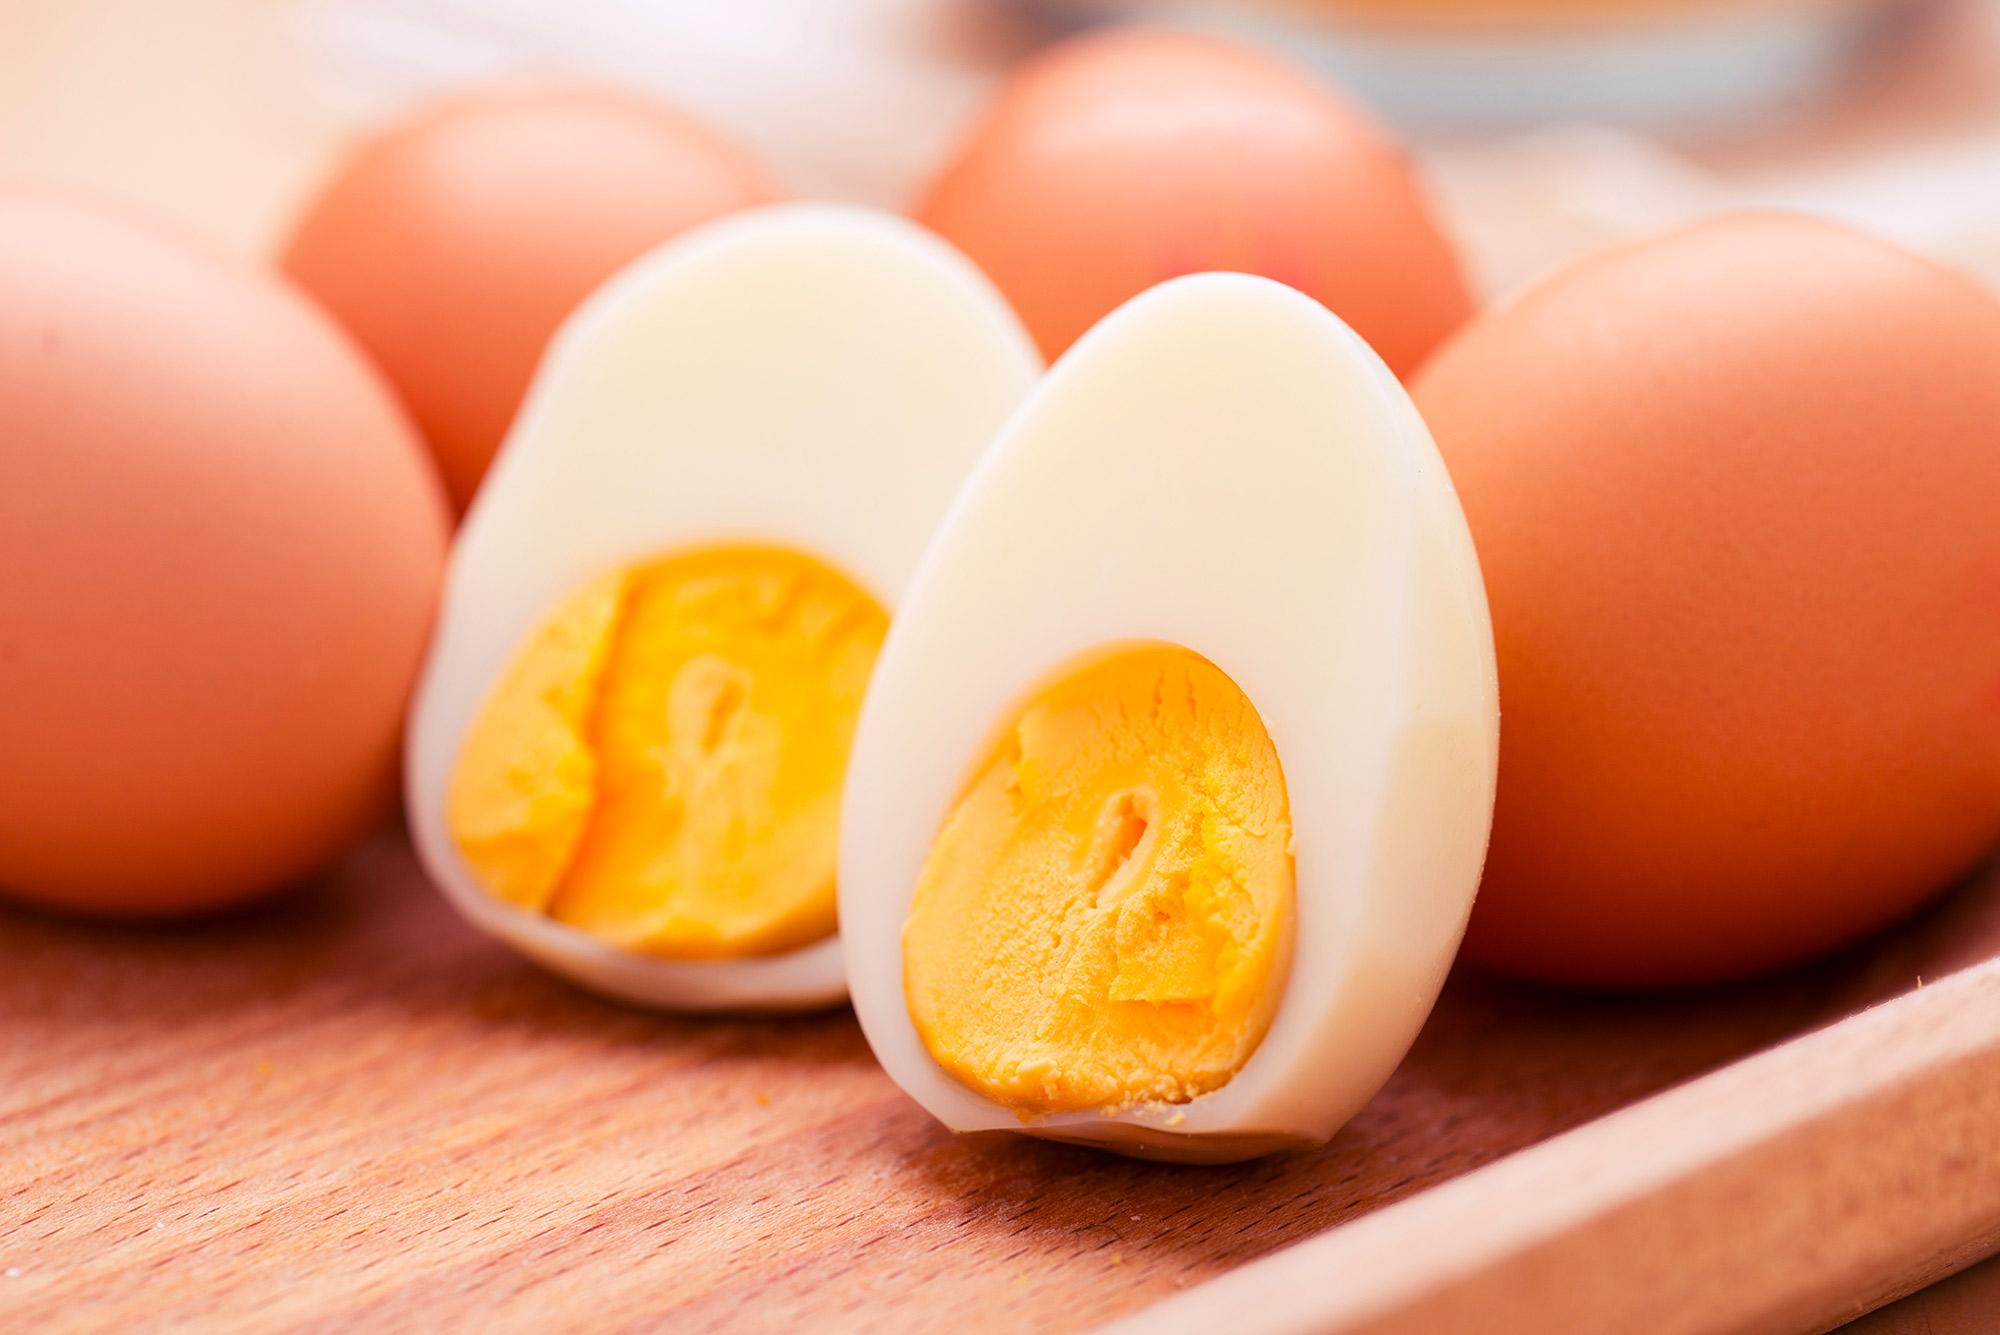 Uova fanno male? Sbagliato